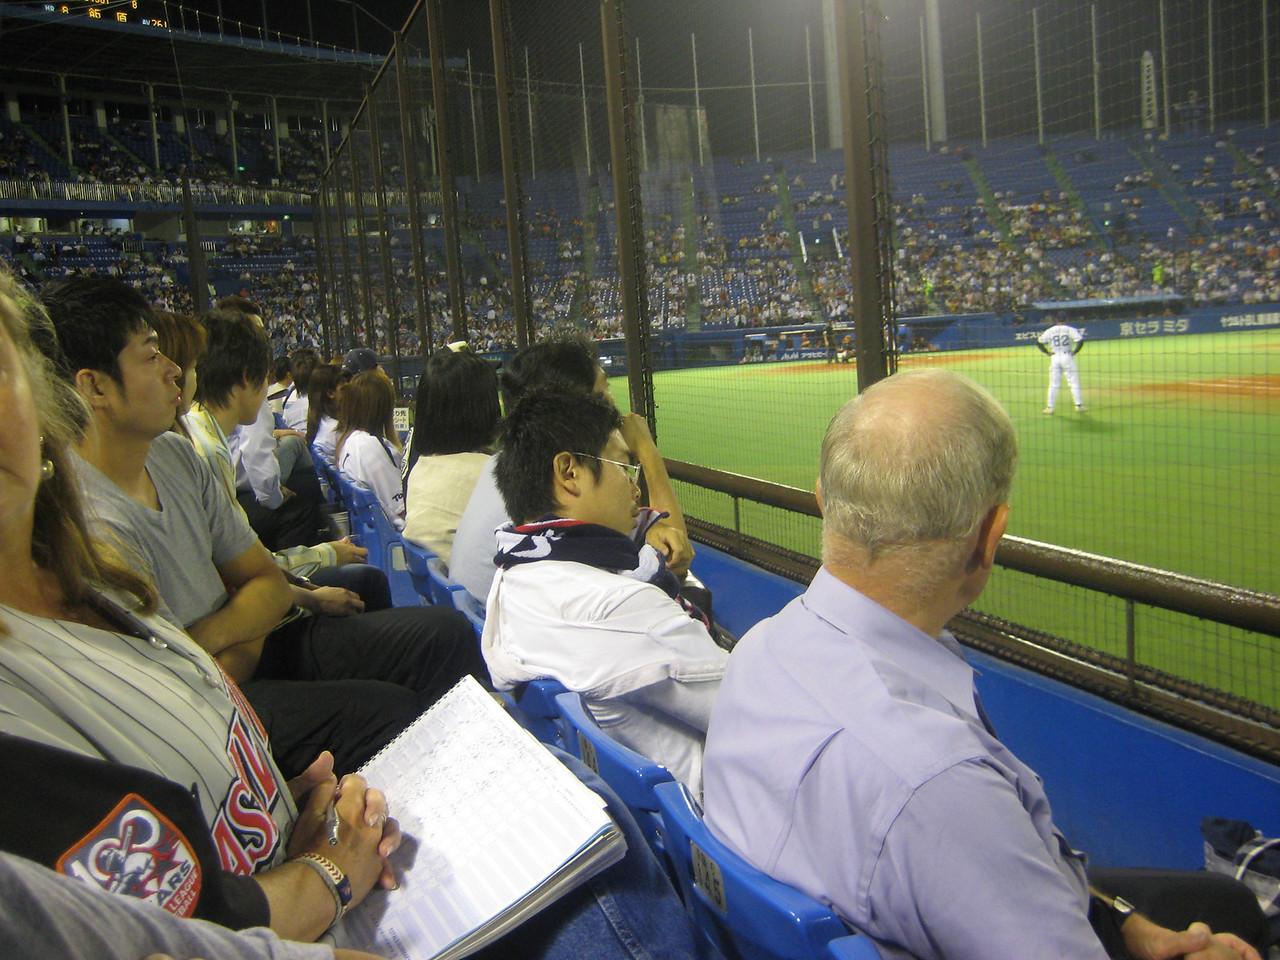 Japanese fan sleeping during game